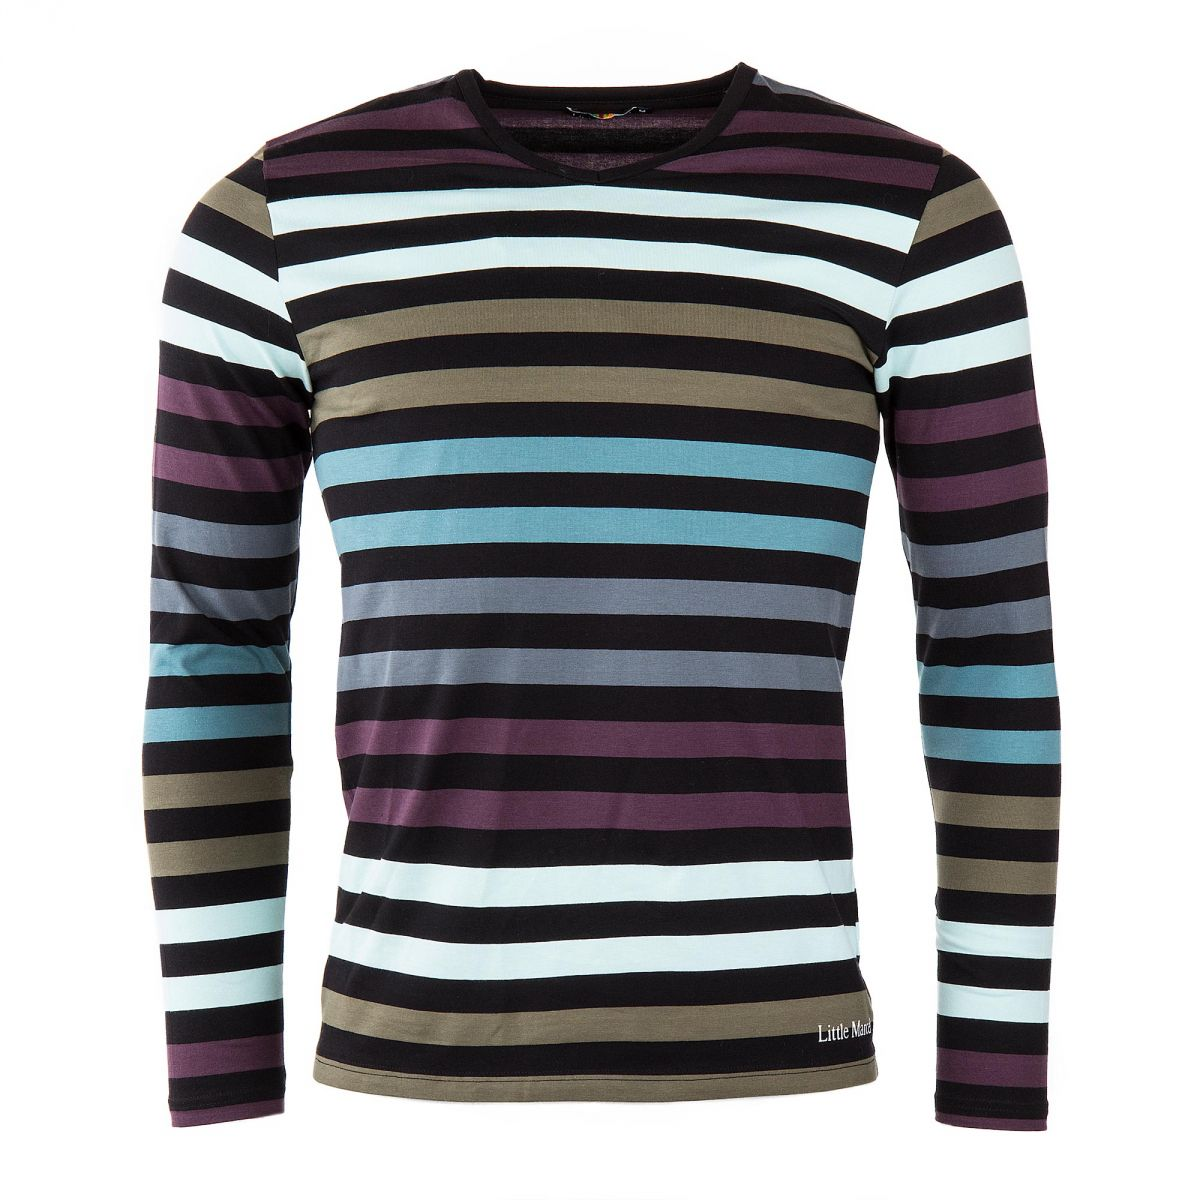 tee shirt rayures homme little marcel prix d griff. Black Bedroom Furniture Sets. Home Design Ideas